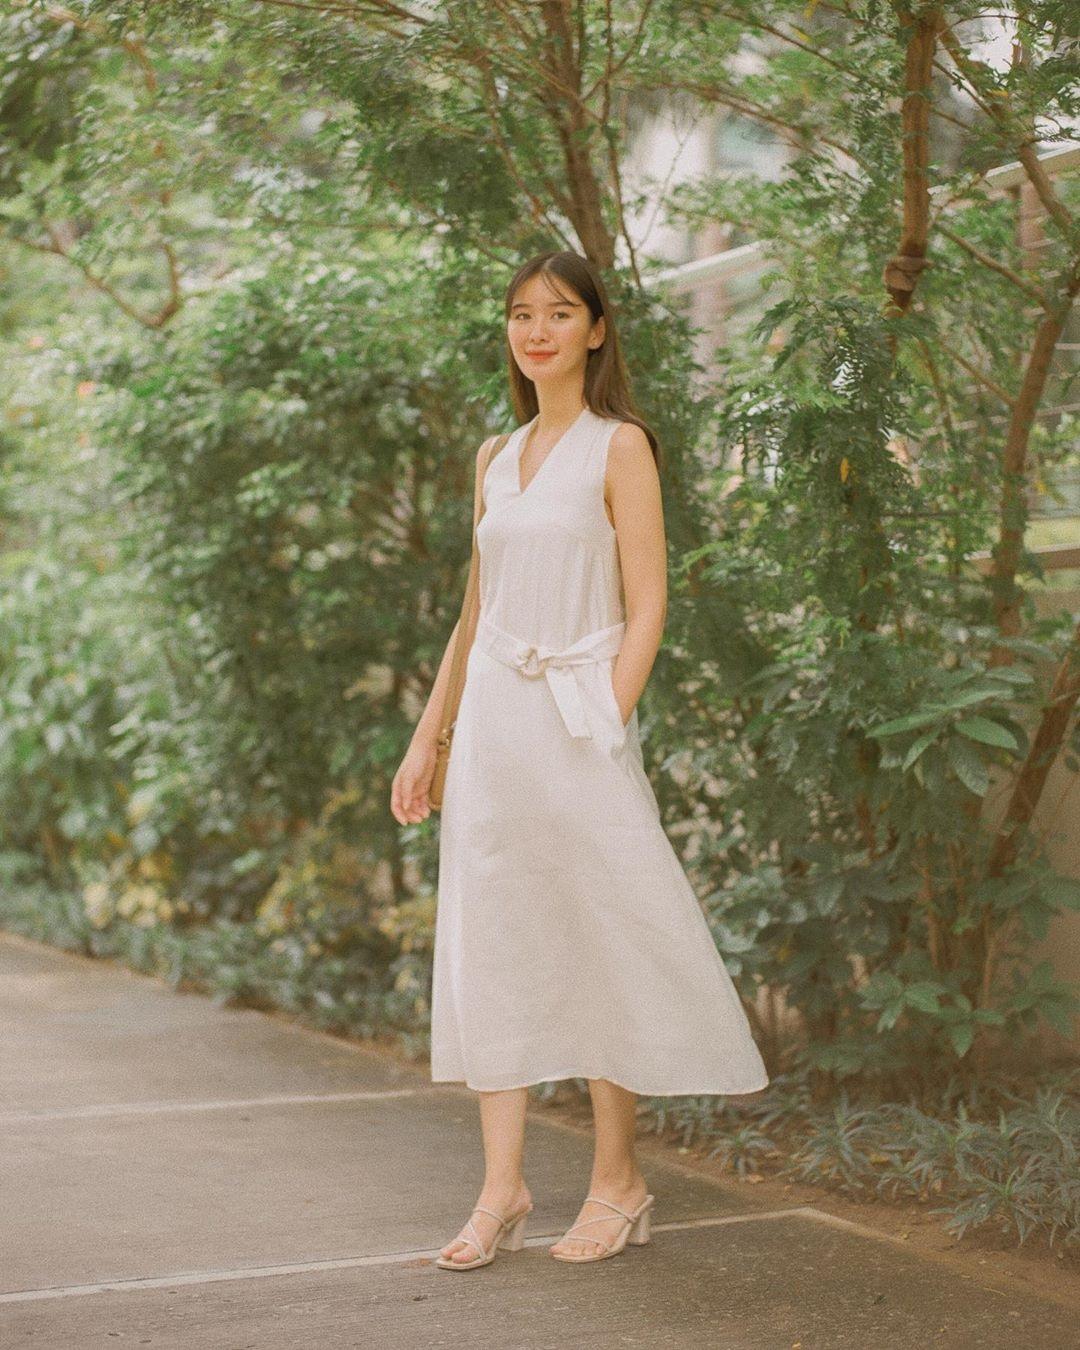 cô gái mặc đầm suông màu trắng dáng hình chữ nhật 2